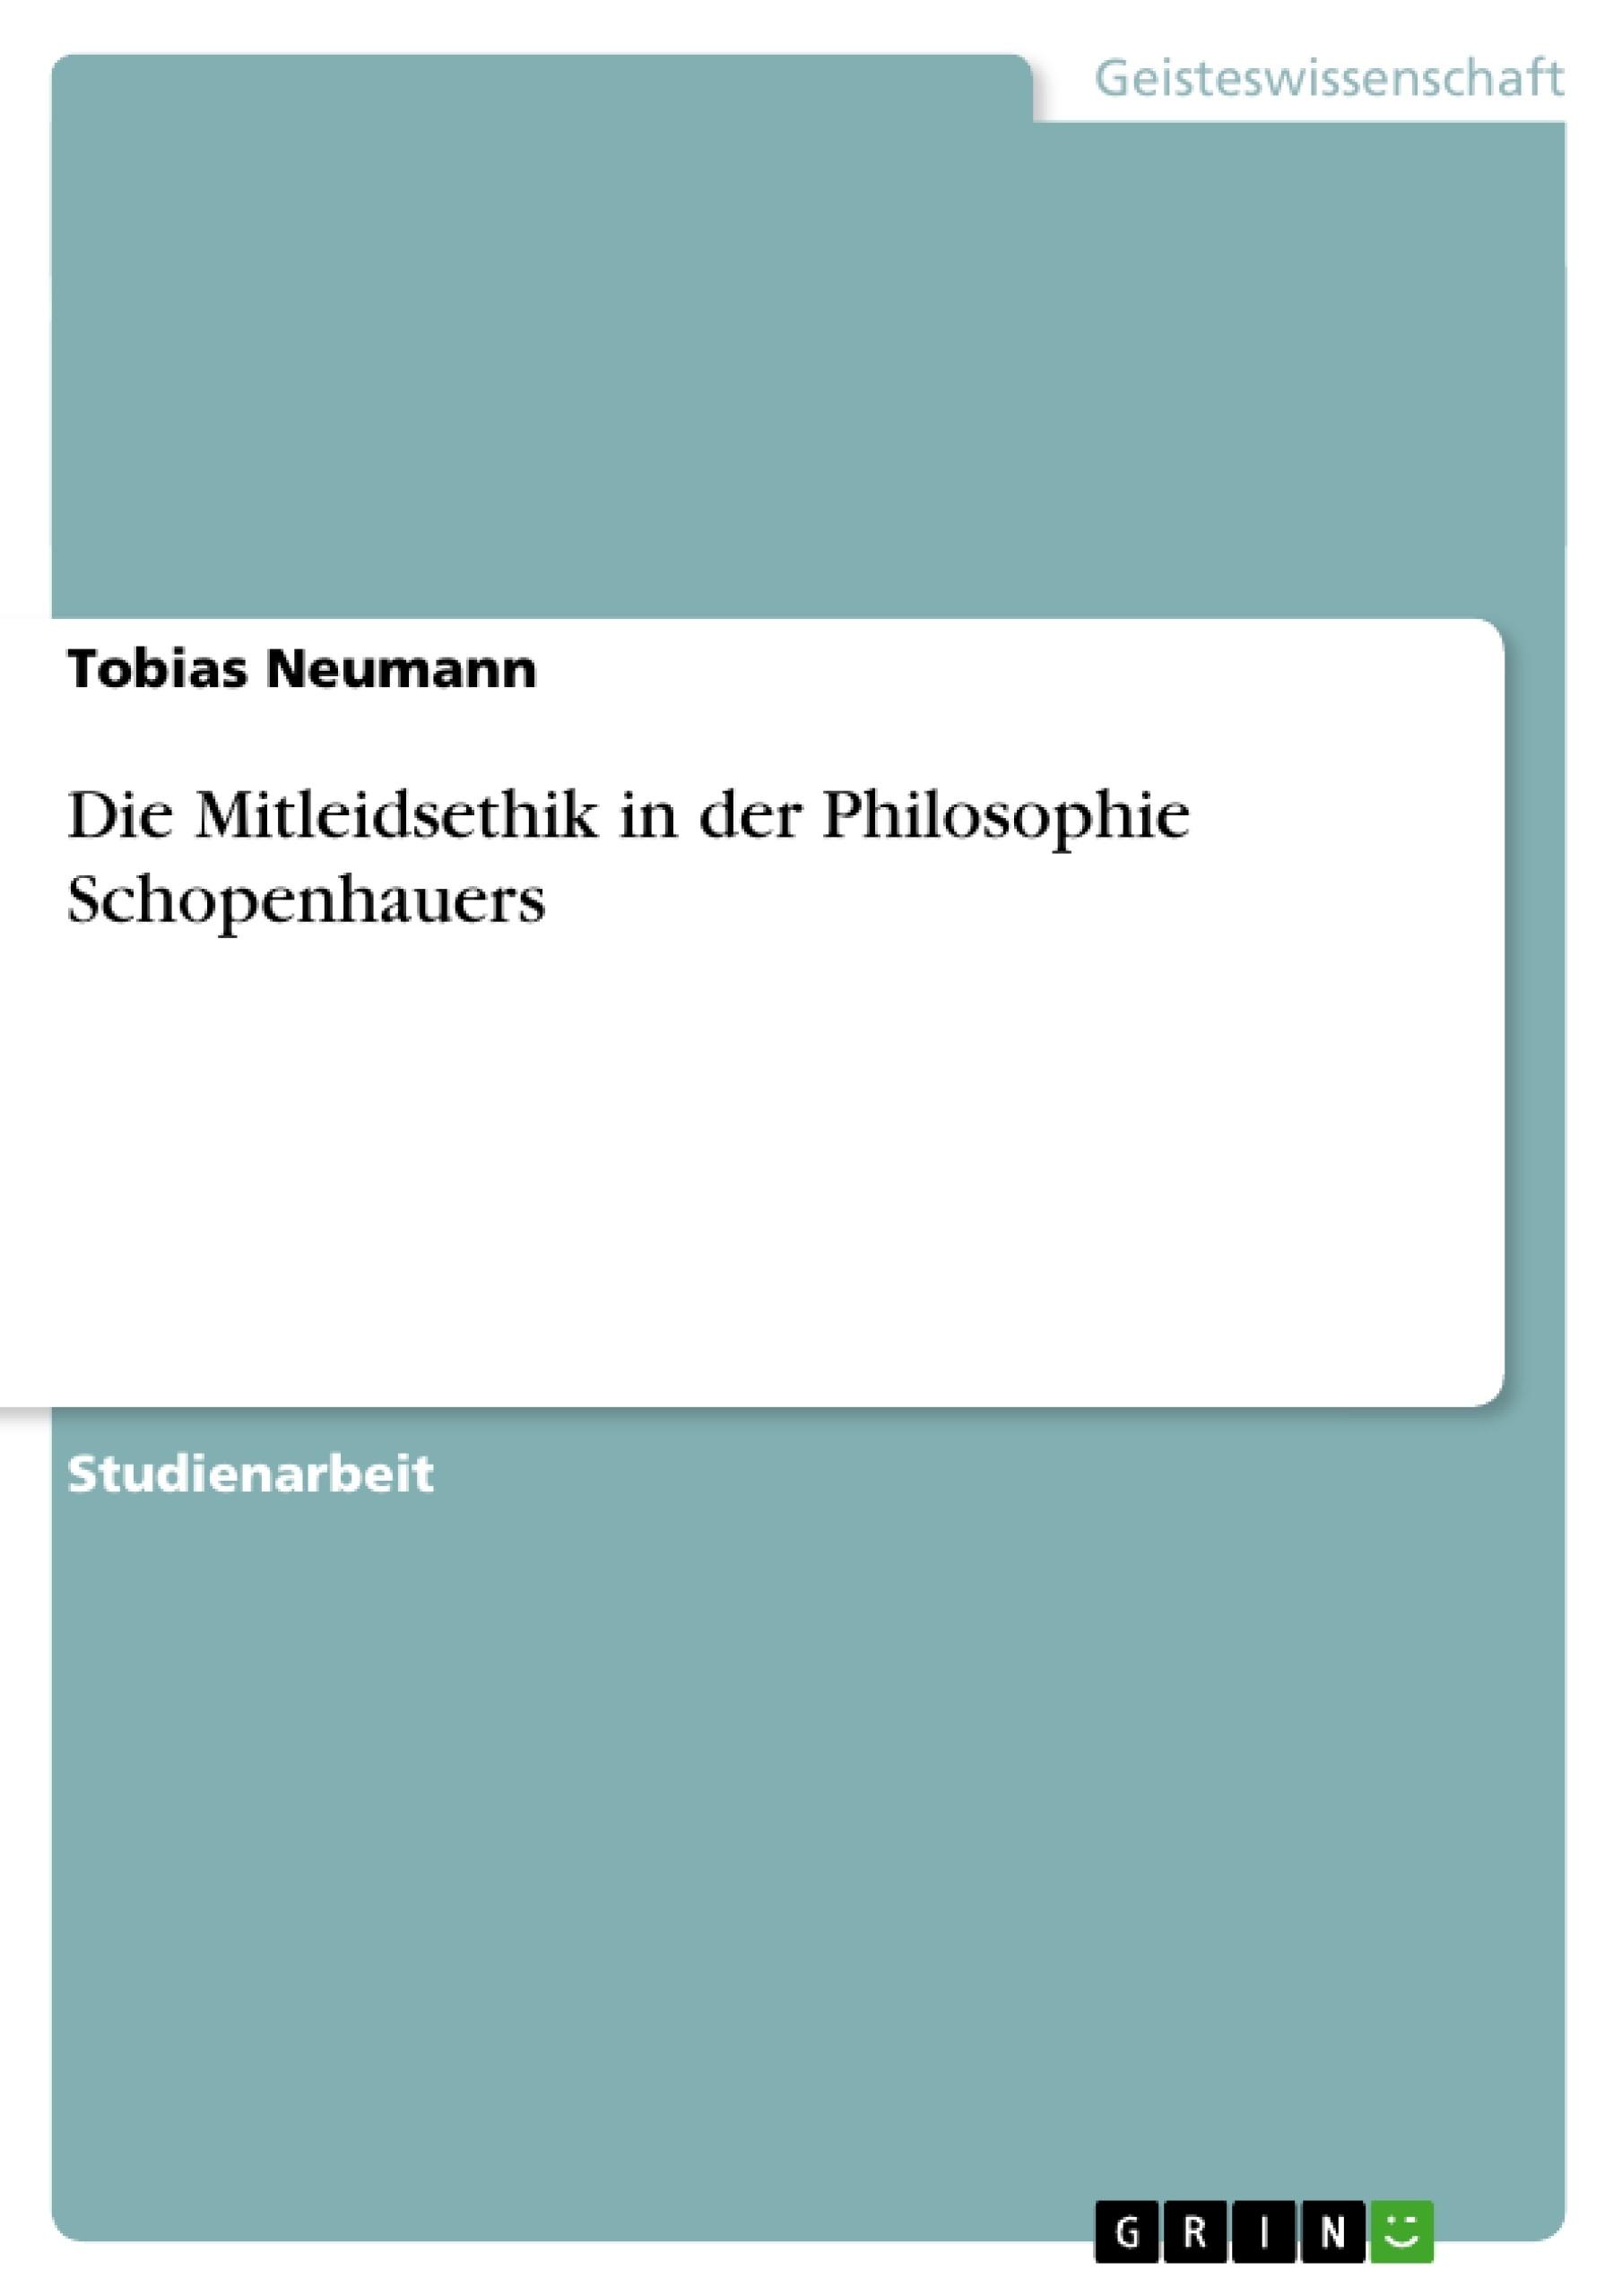 Titel: Die Mitleidsethik in der Philosophie Schopenhauers